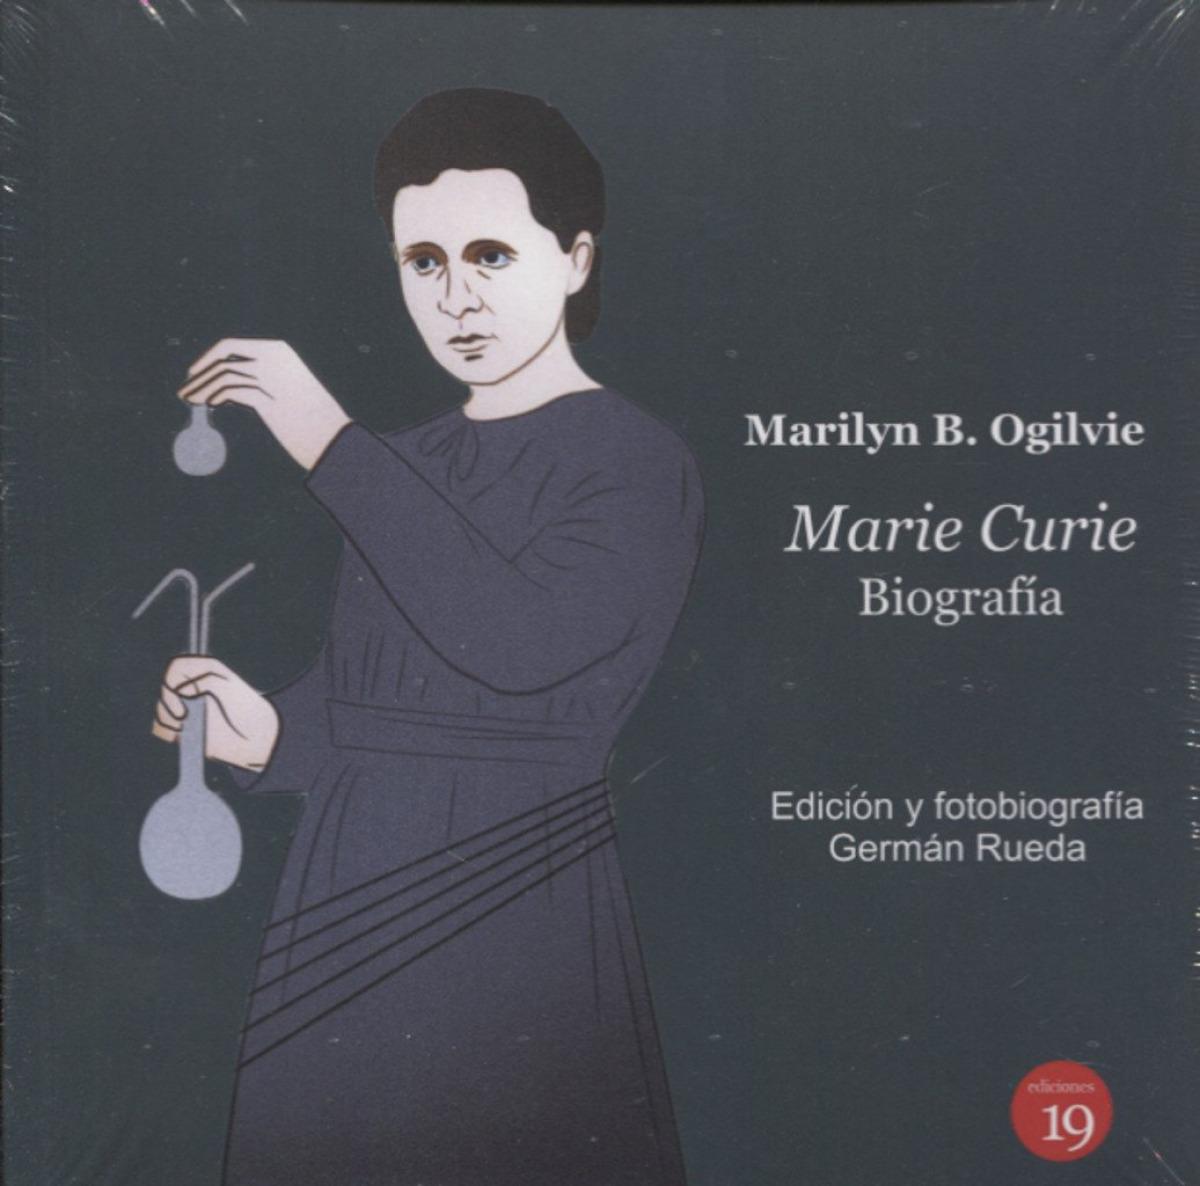 MARIE CURIE BIOGRAF-A